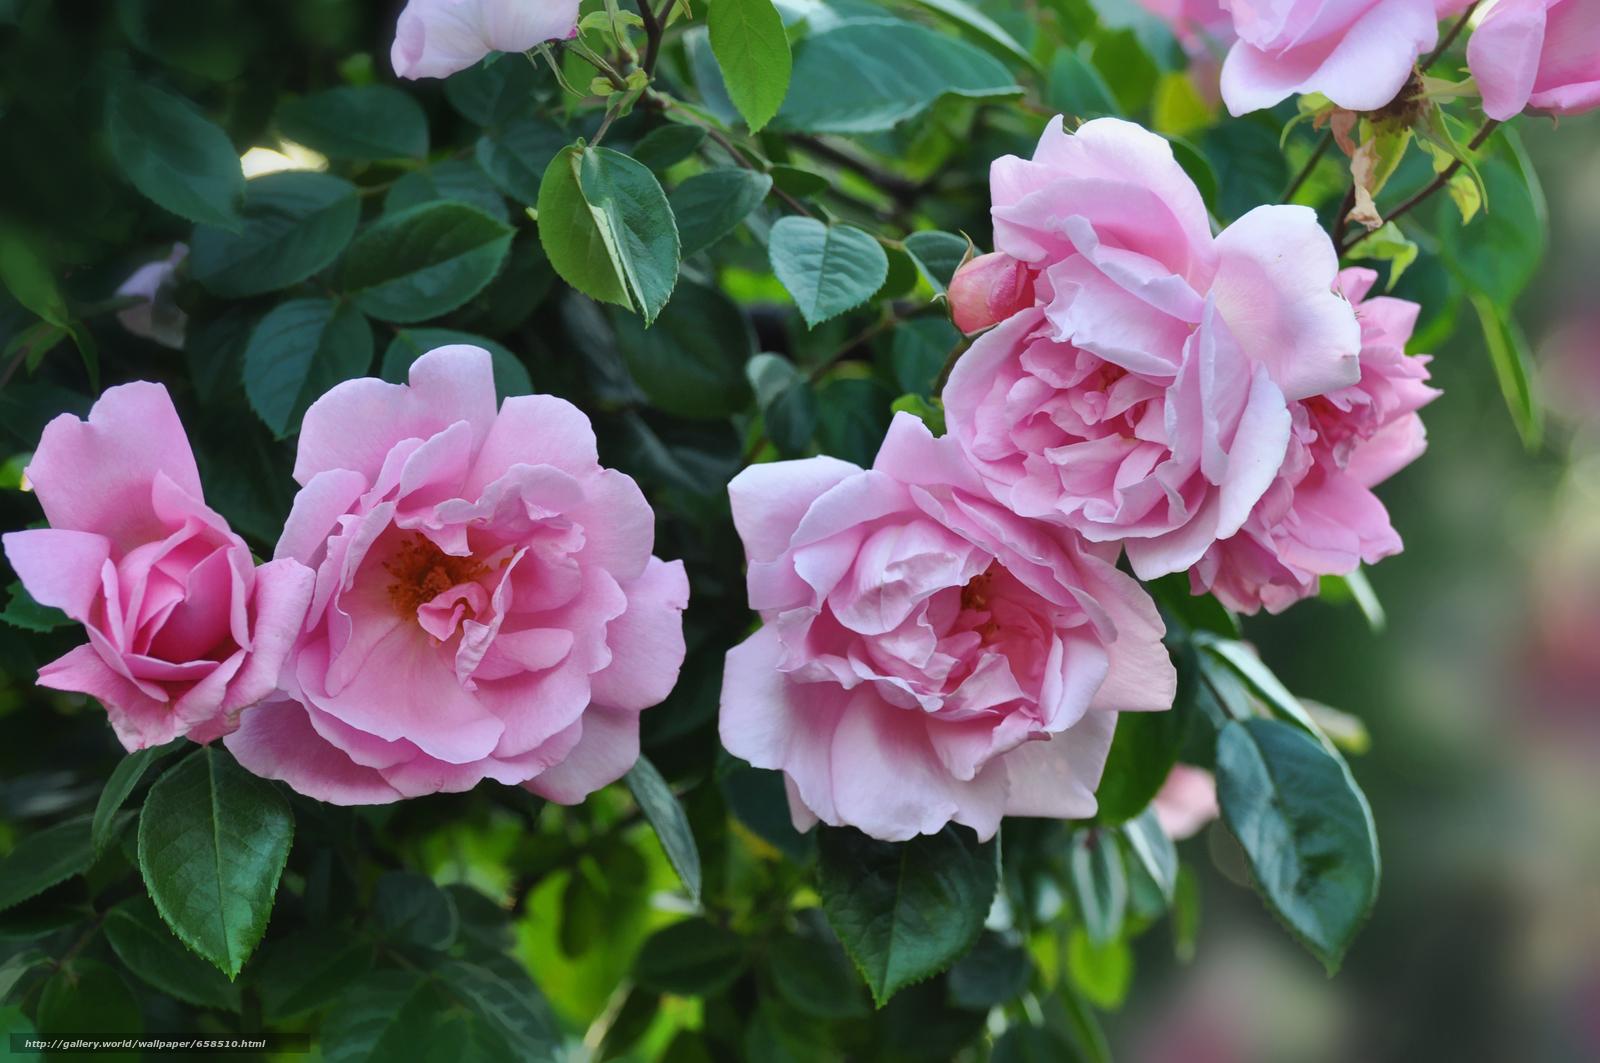 pobra tapety kwiat,  Kwiaty,  flora,  róża Darmowe tapety na pulpit rozdzielczoci 4288x2848 — zdjcie №658510